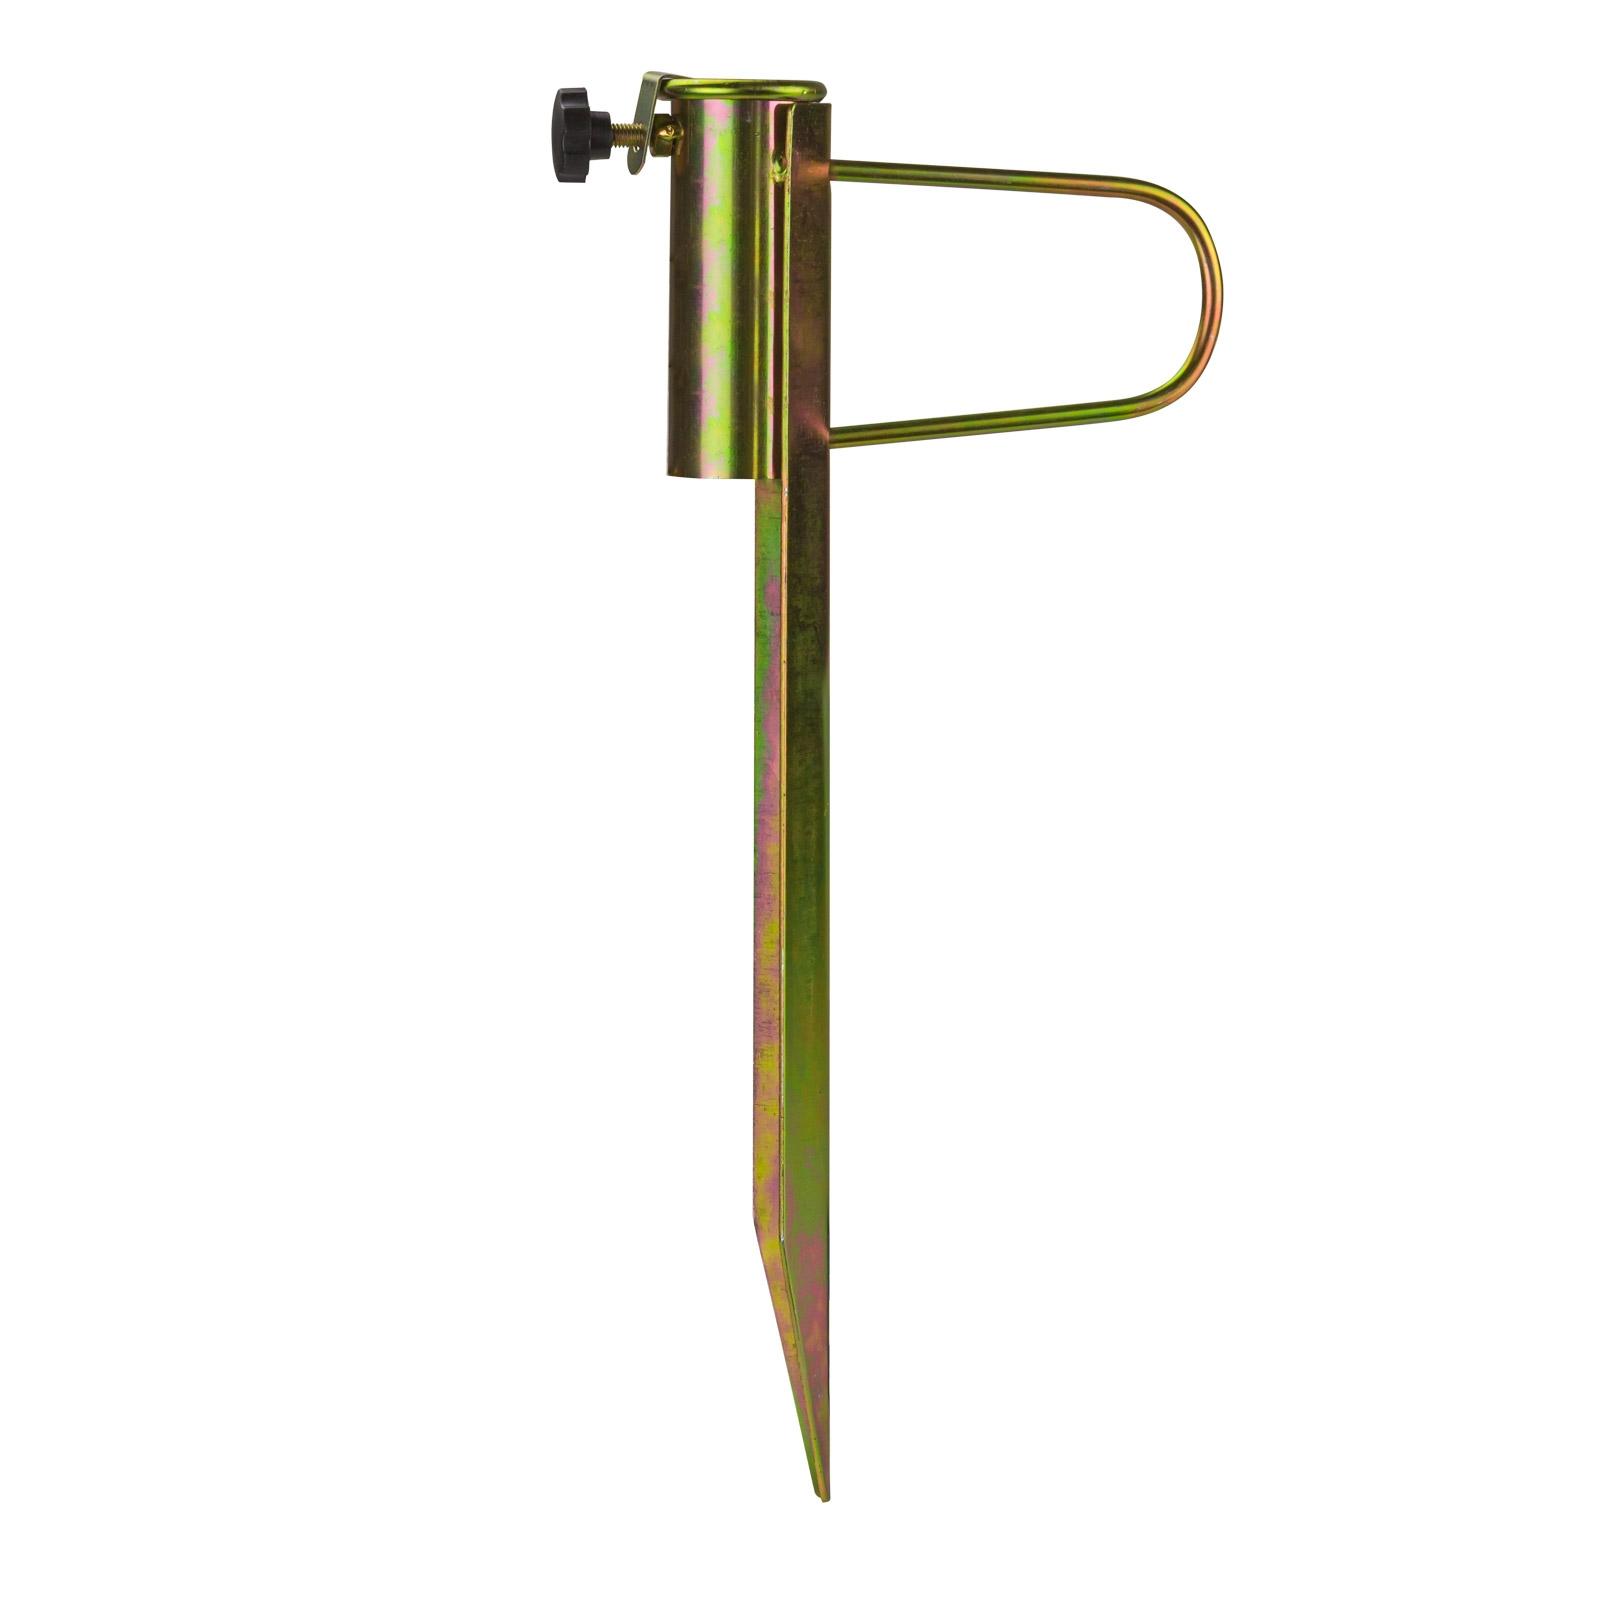 Dema Metall Schirmständer Strandschirmständer Sonnenschirmständer Erdspieß Fußbügel 41297